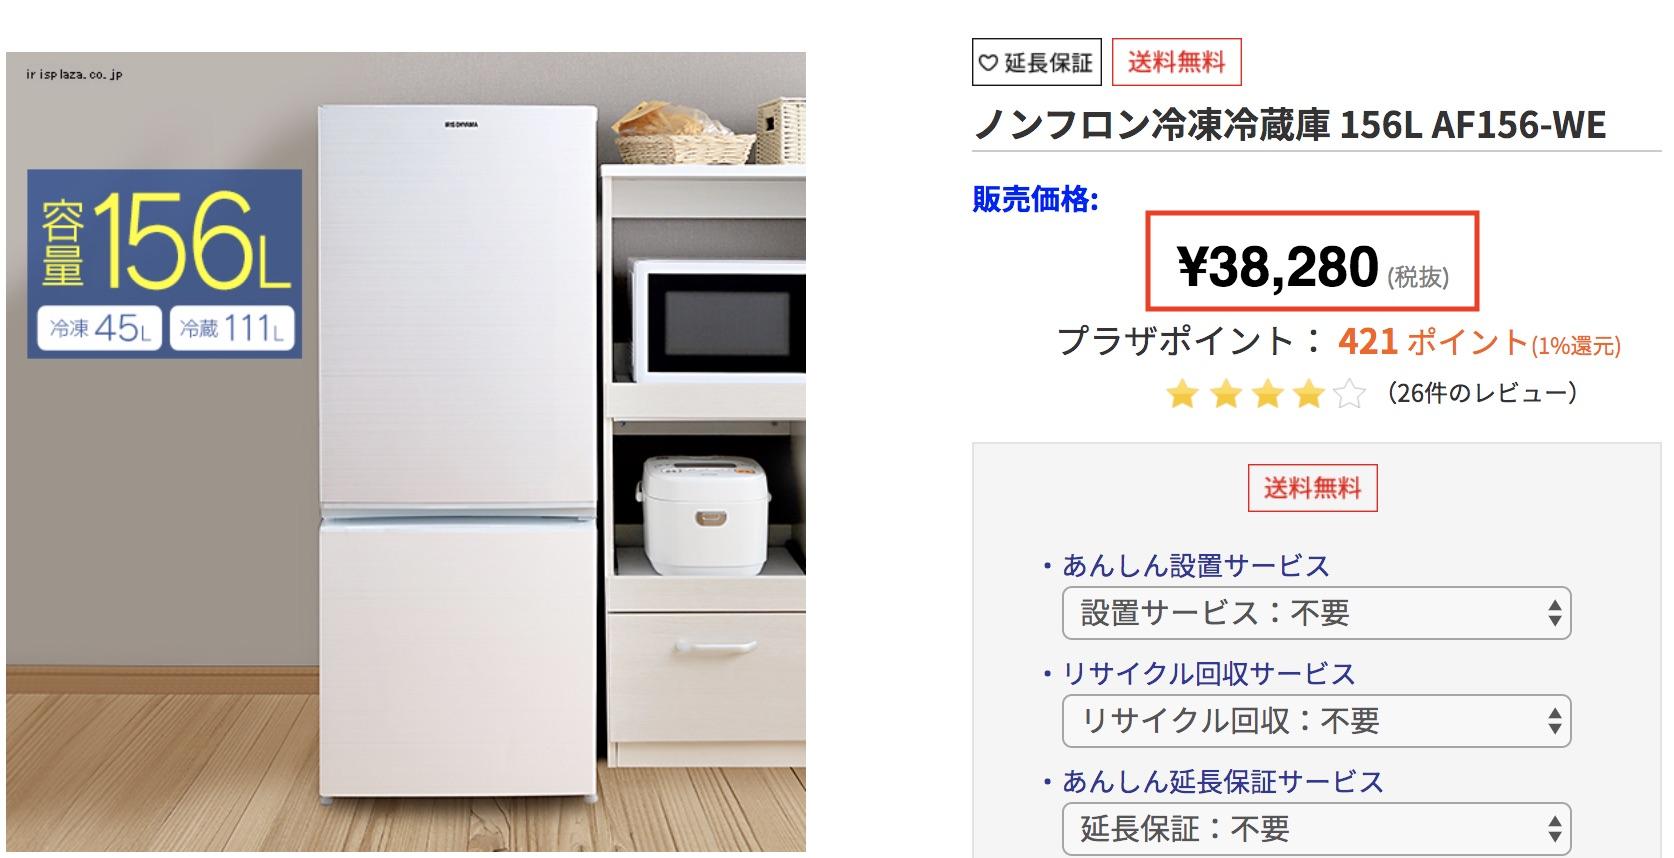 オススメの冷蔵庫の必須条件「価格の目安」は3万前後